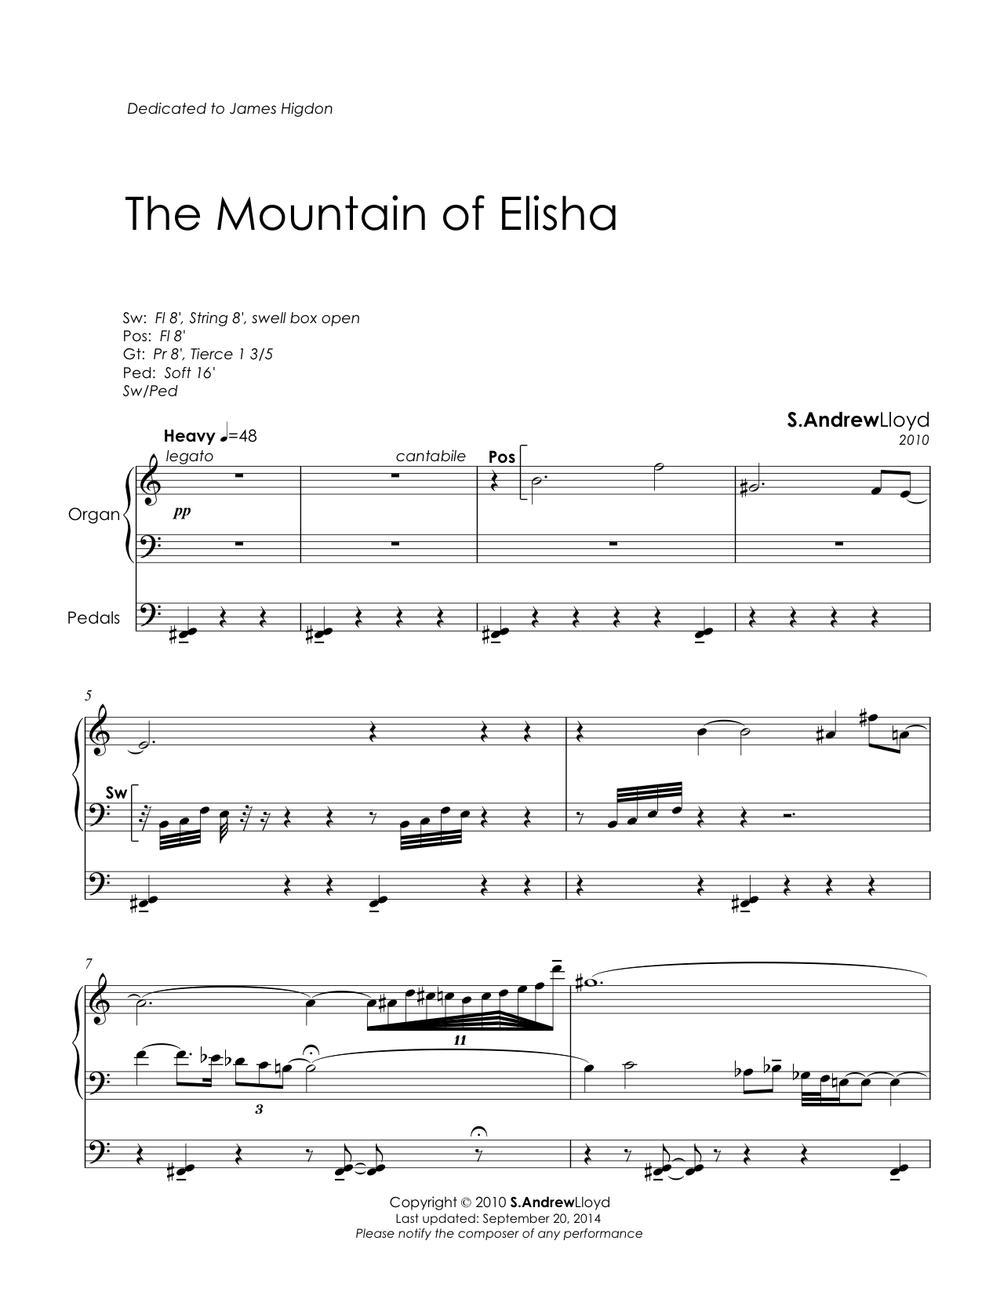 The Mountain of Elisha Sample pg 1.jpg